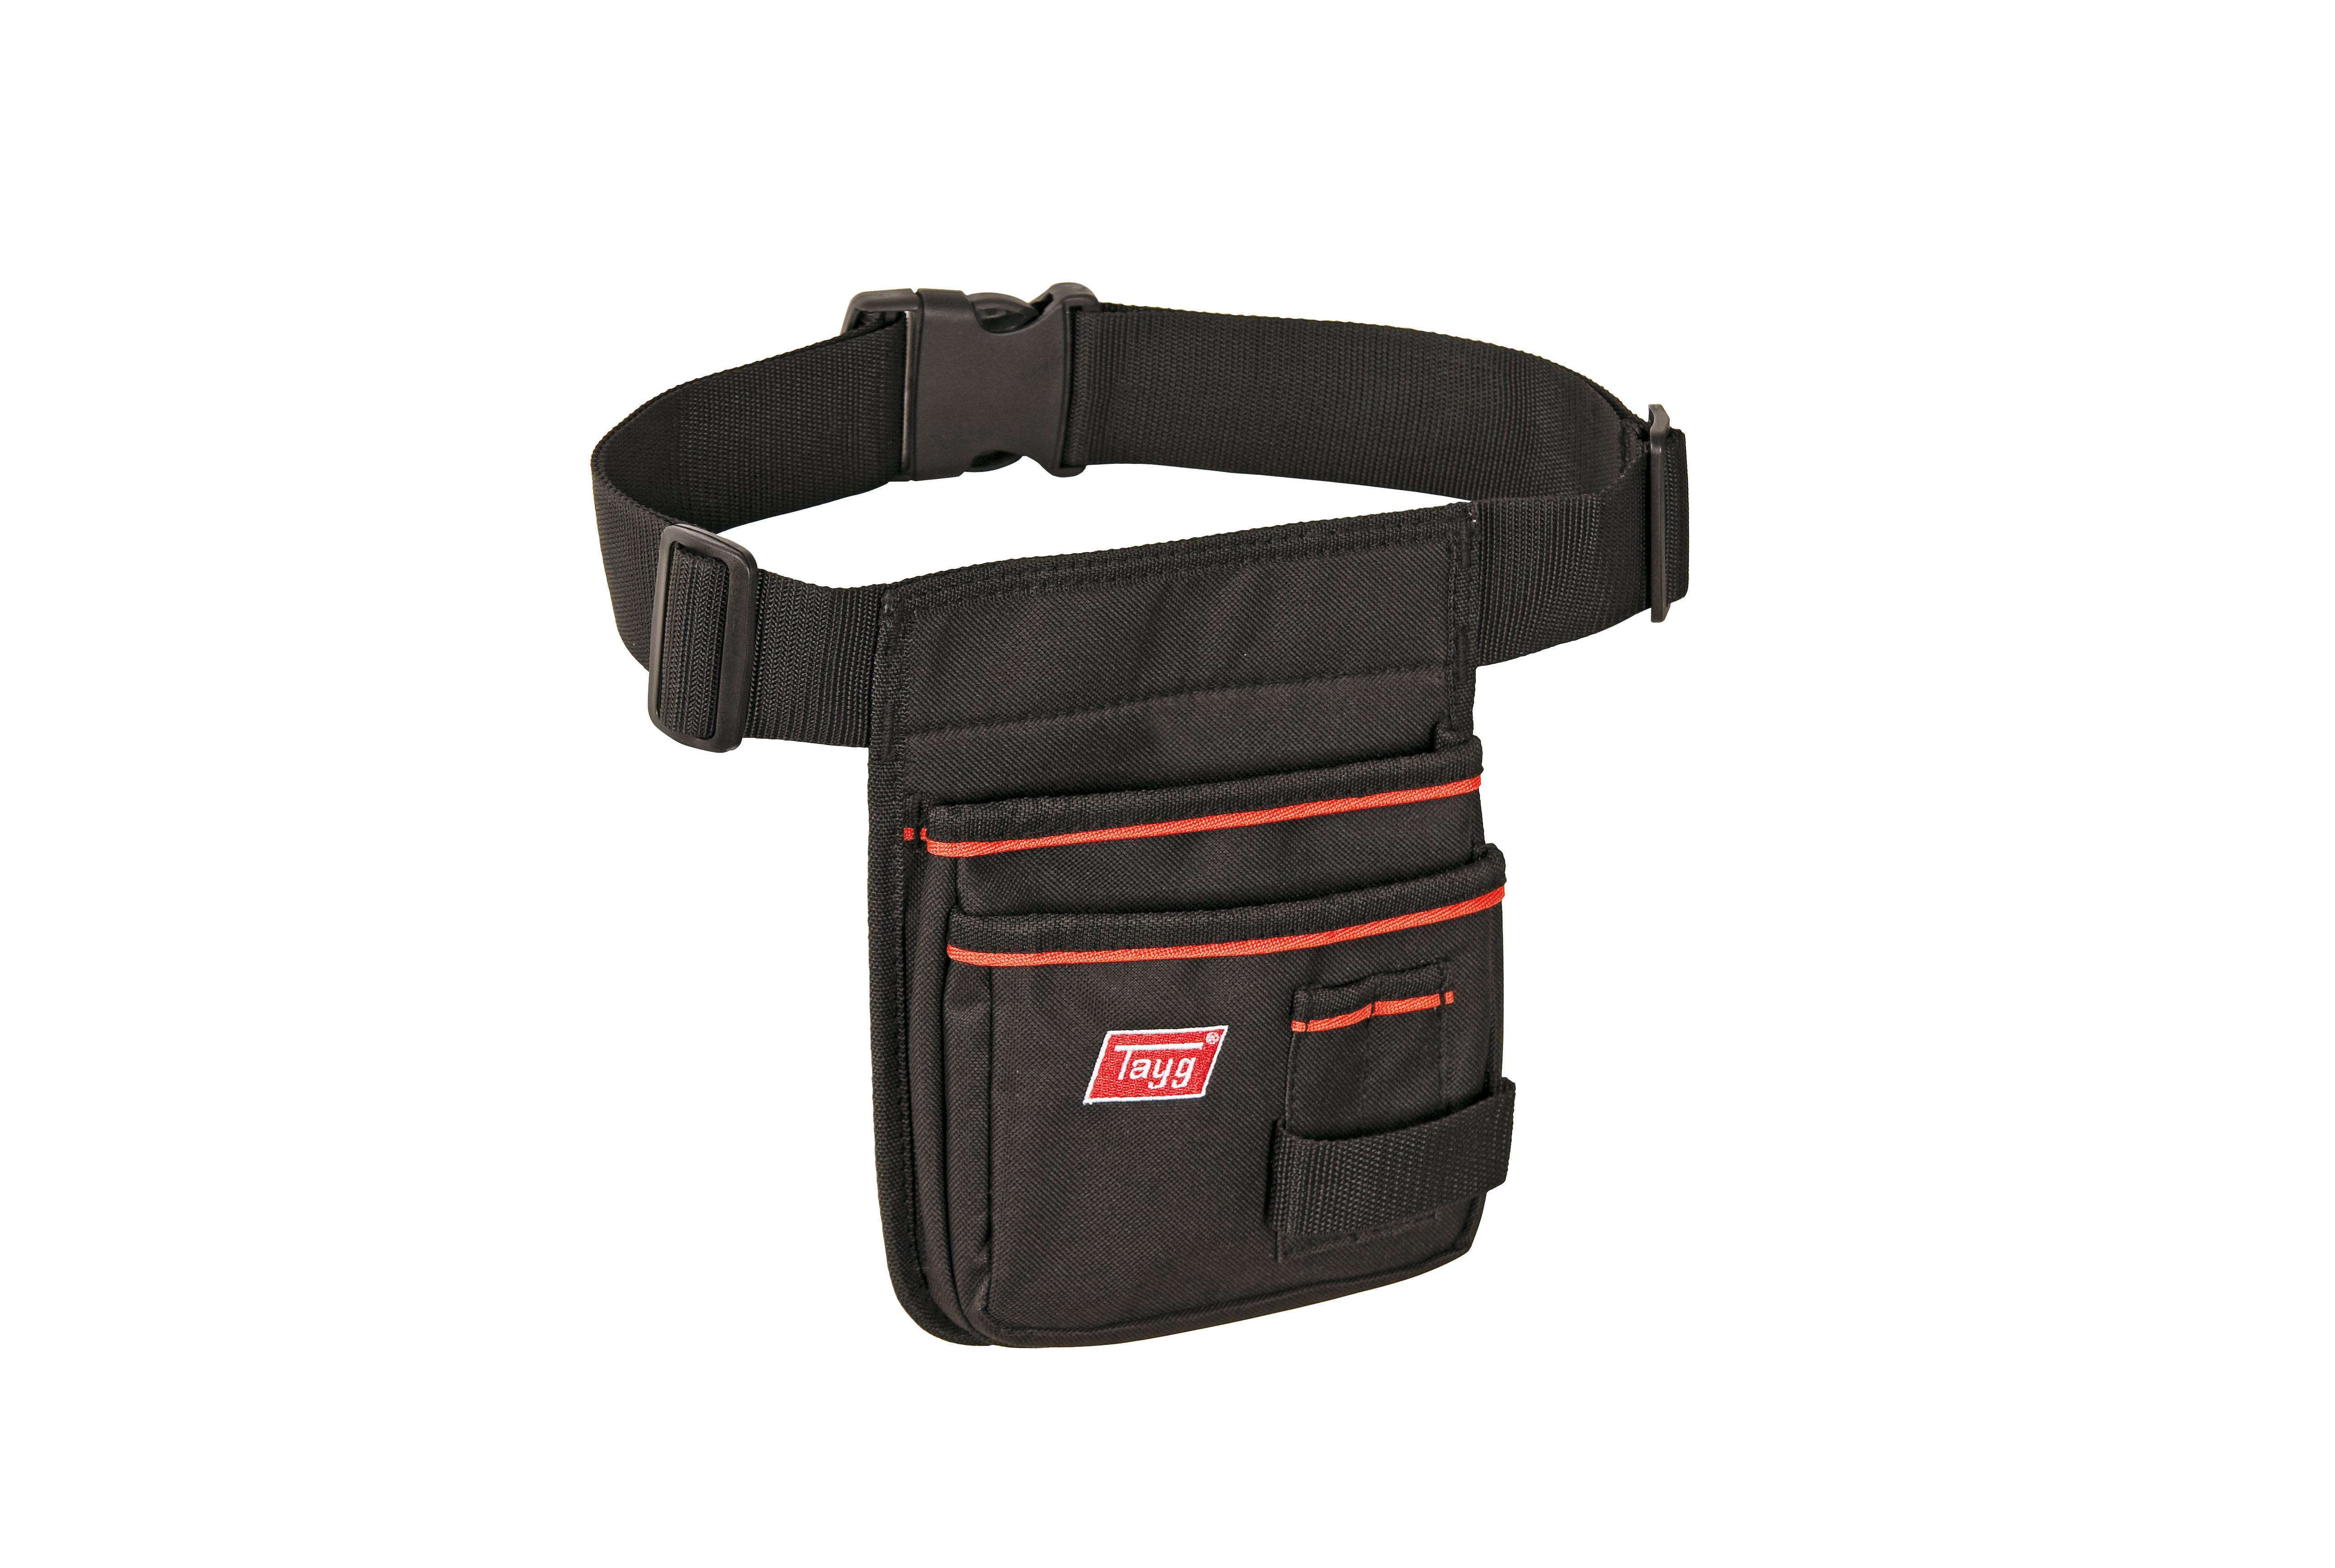 3 cinturon herramientas - Cinturones gama tela